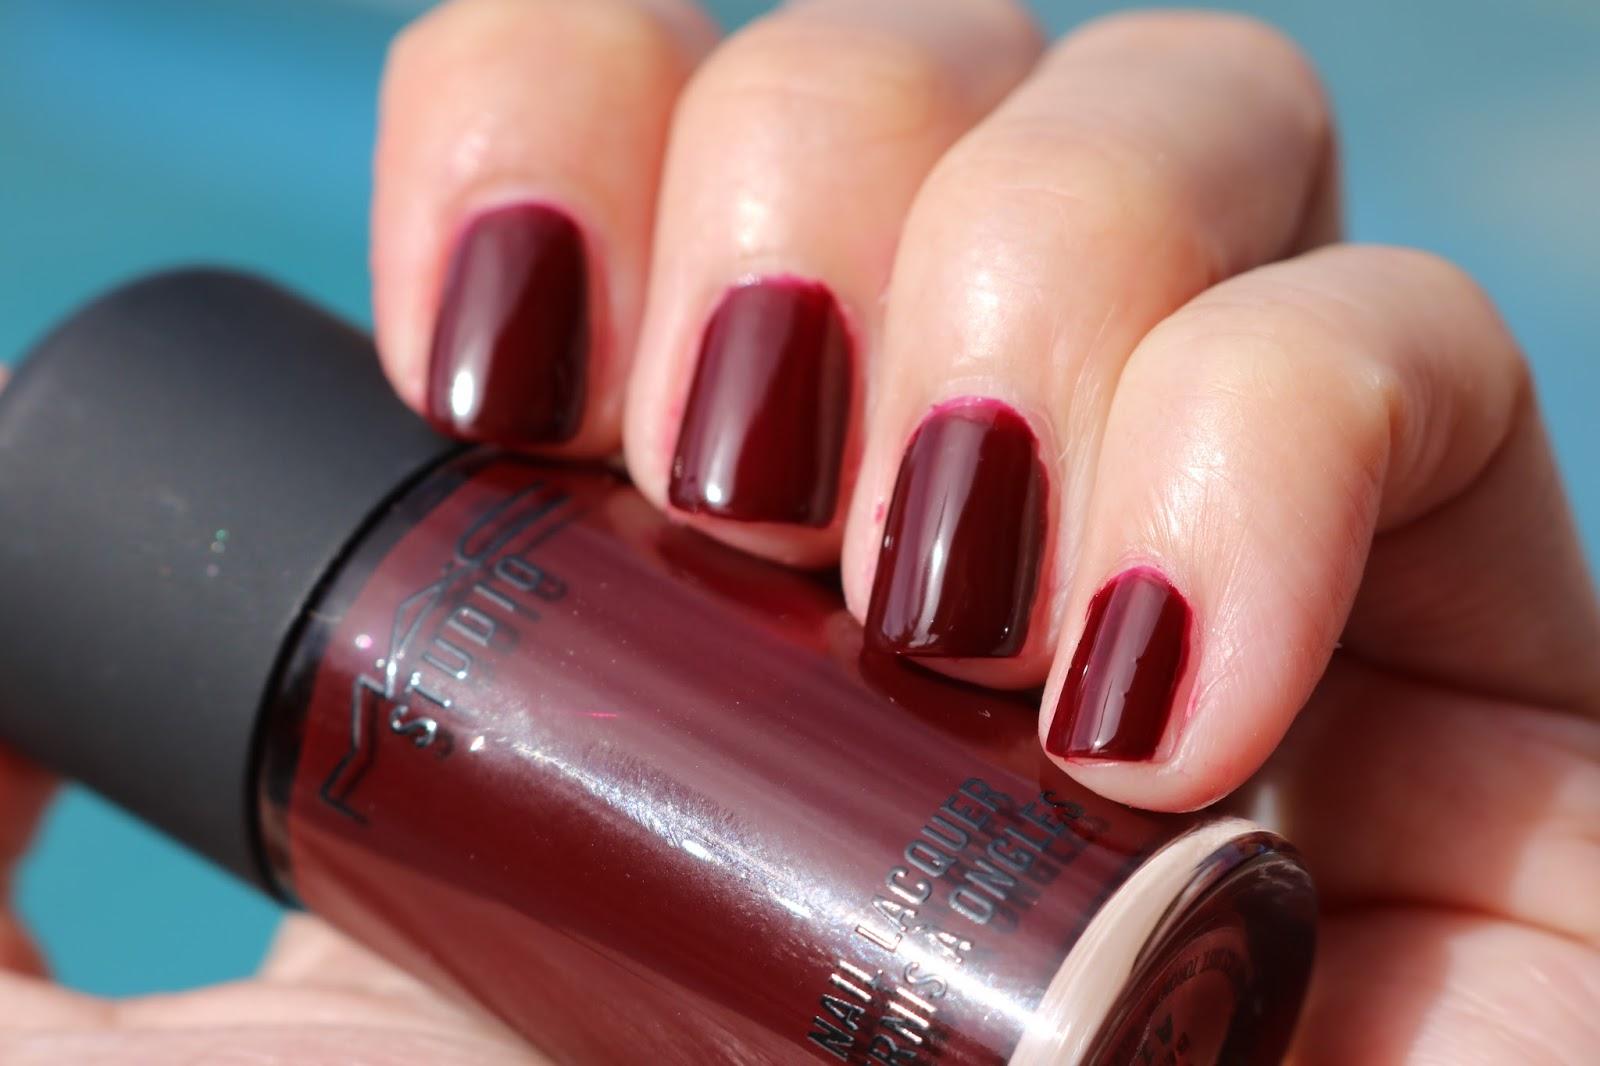 MAC Berlin nail lacquer